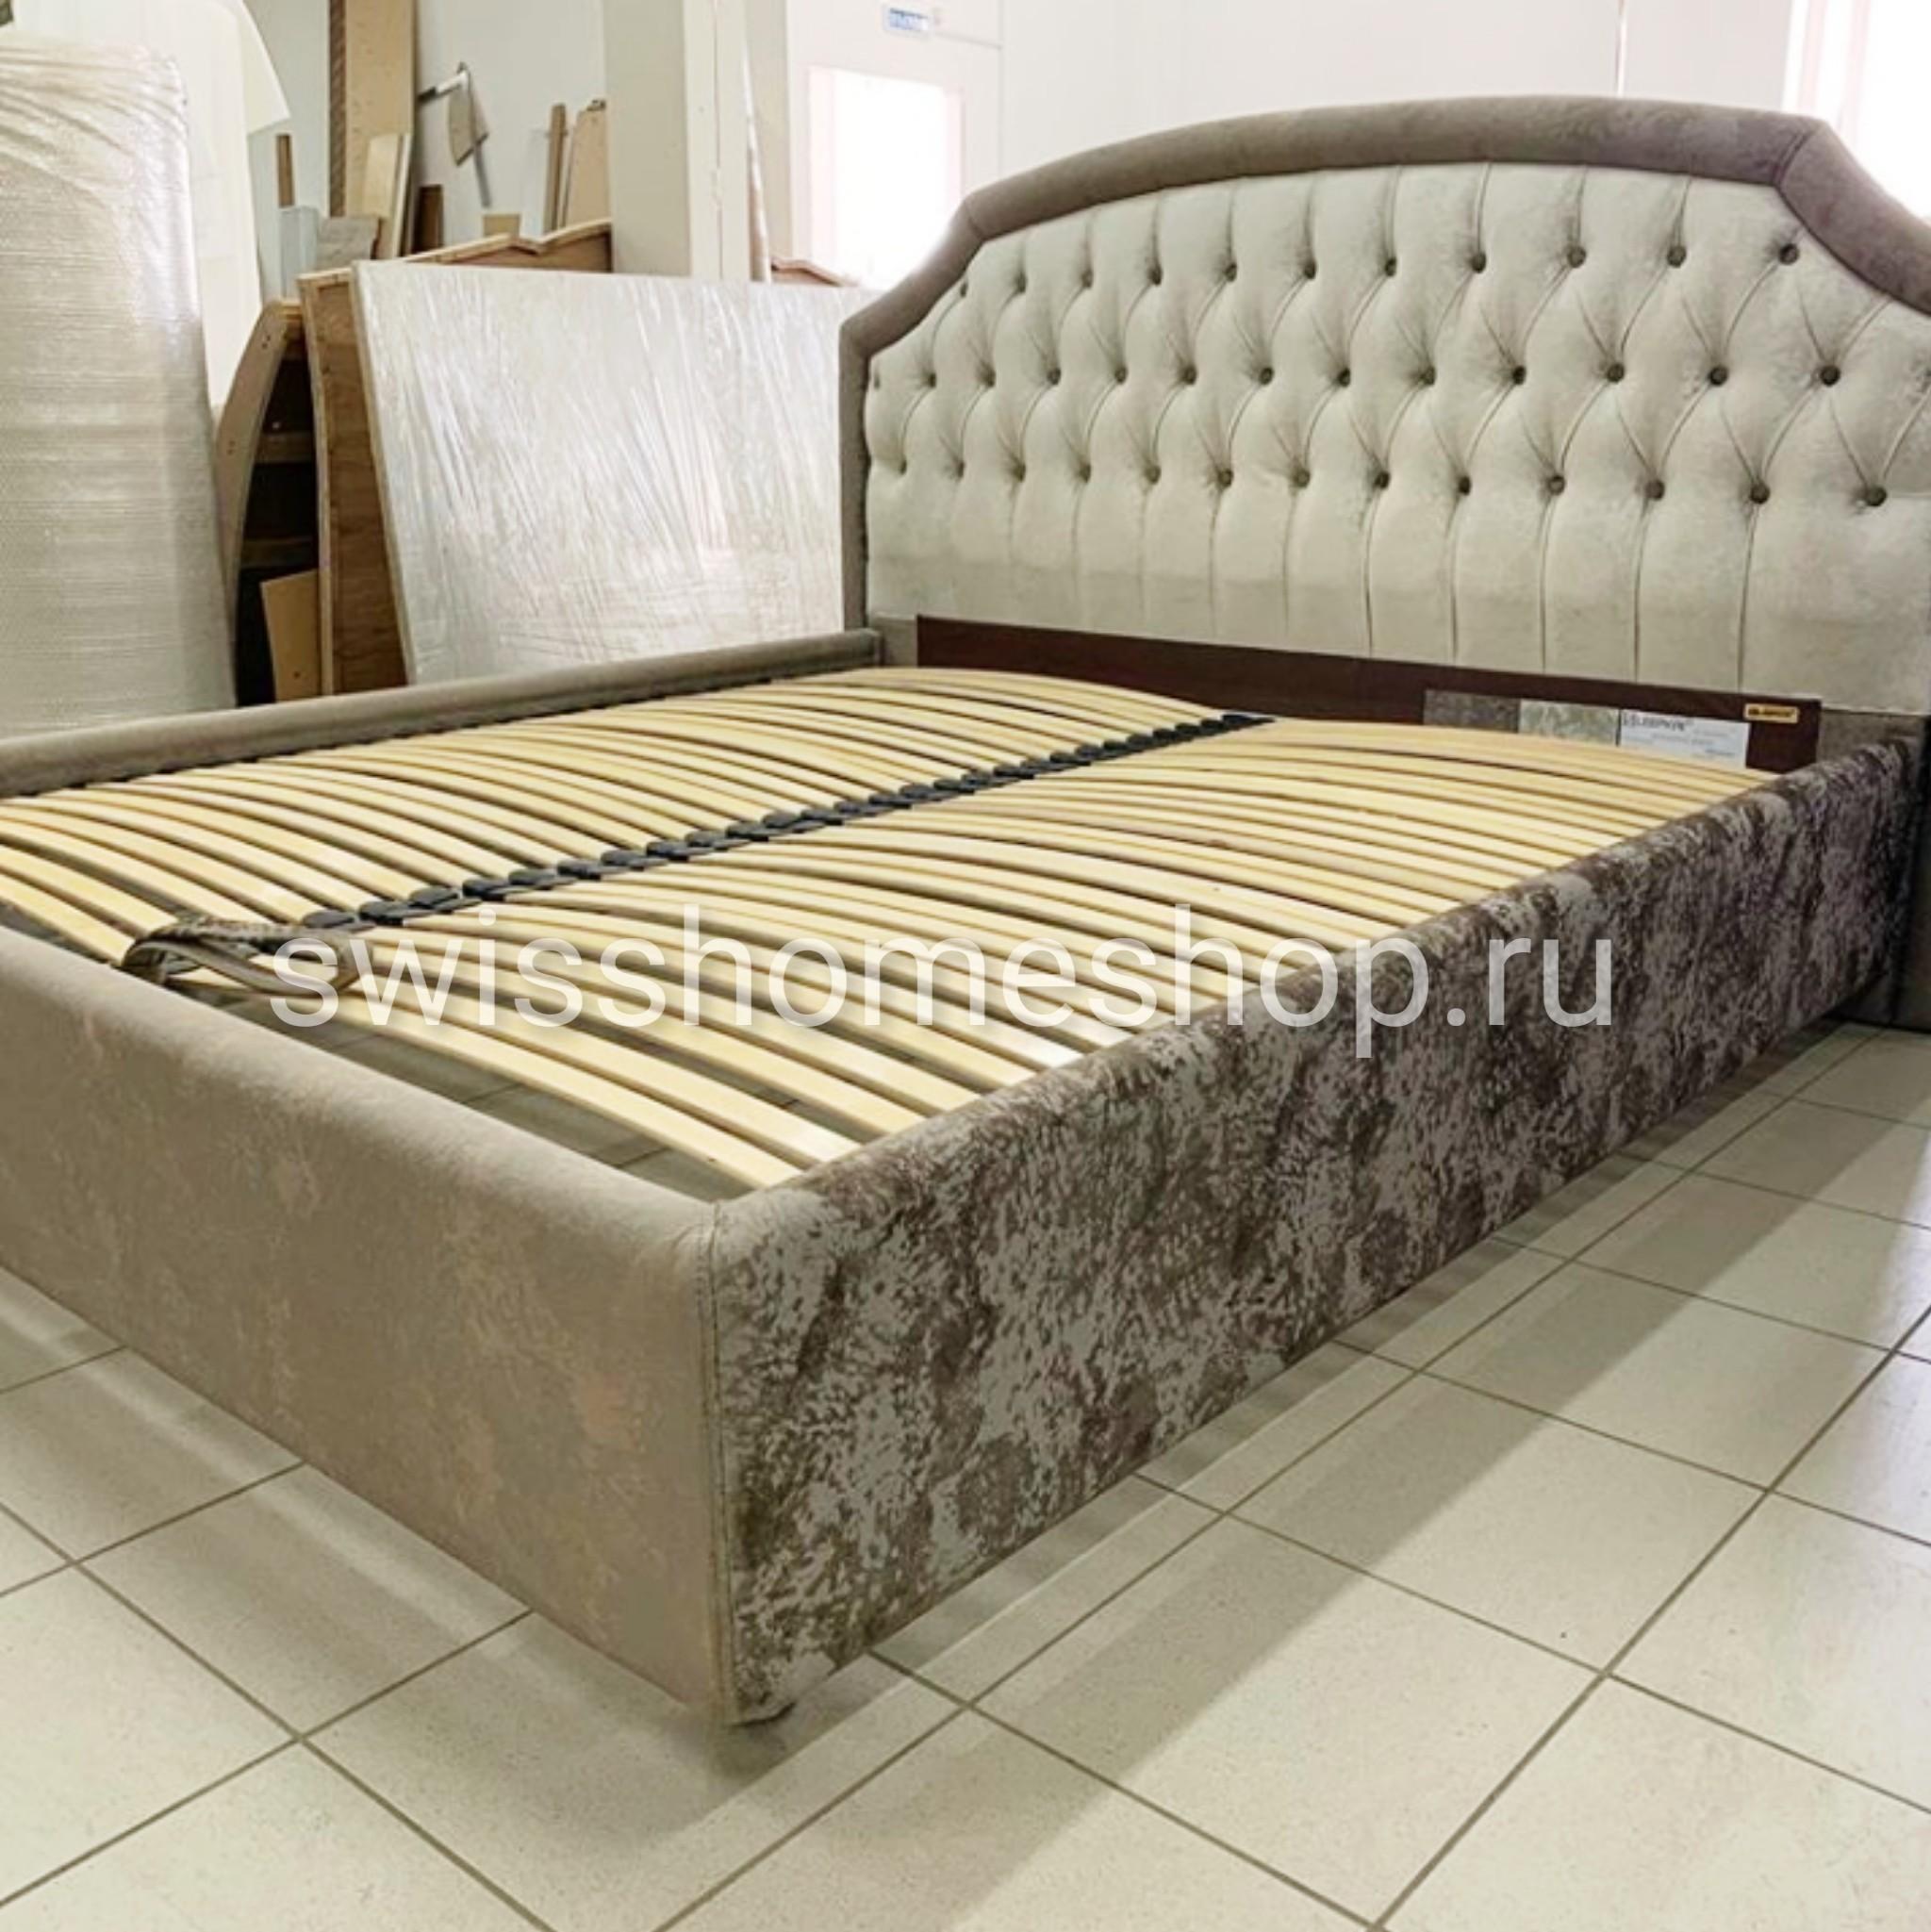 http://swisshomeshop.ru/images/upload/output_1584256517272.jpg